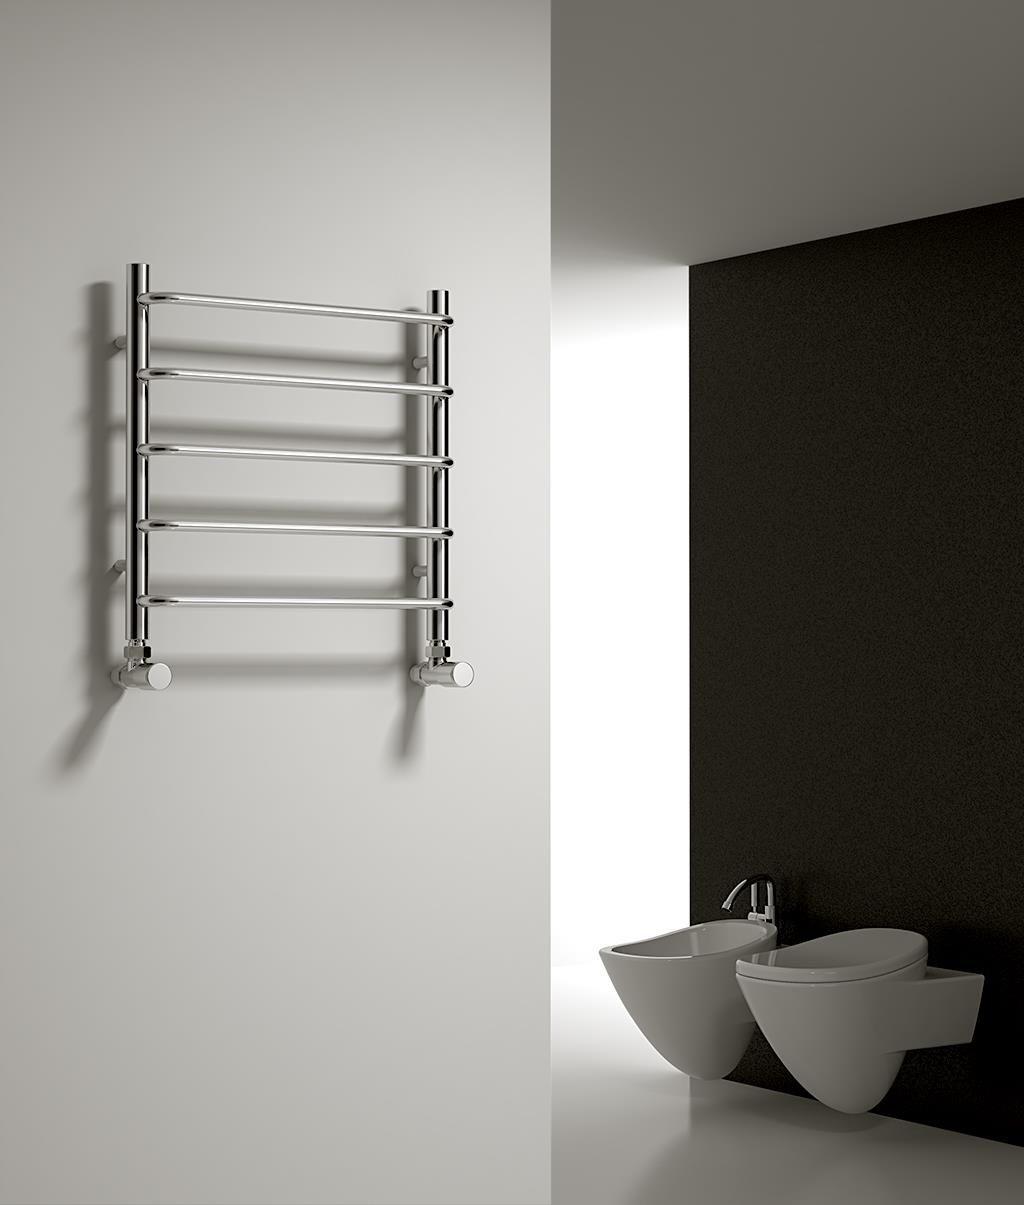 Grzejnik łazienkowy dekoracyjny ALIANO - 500/500 mm